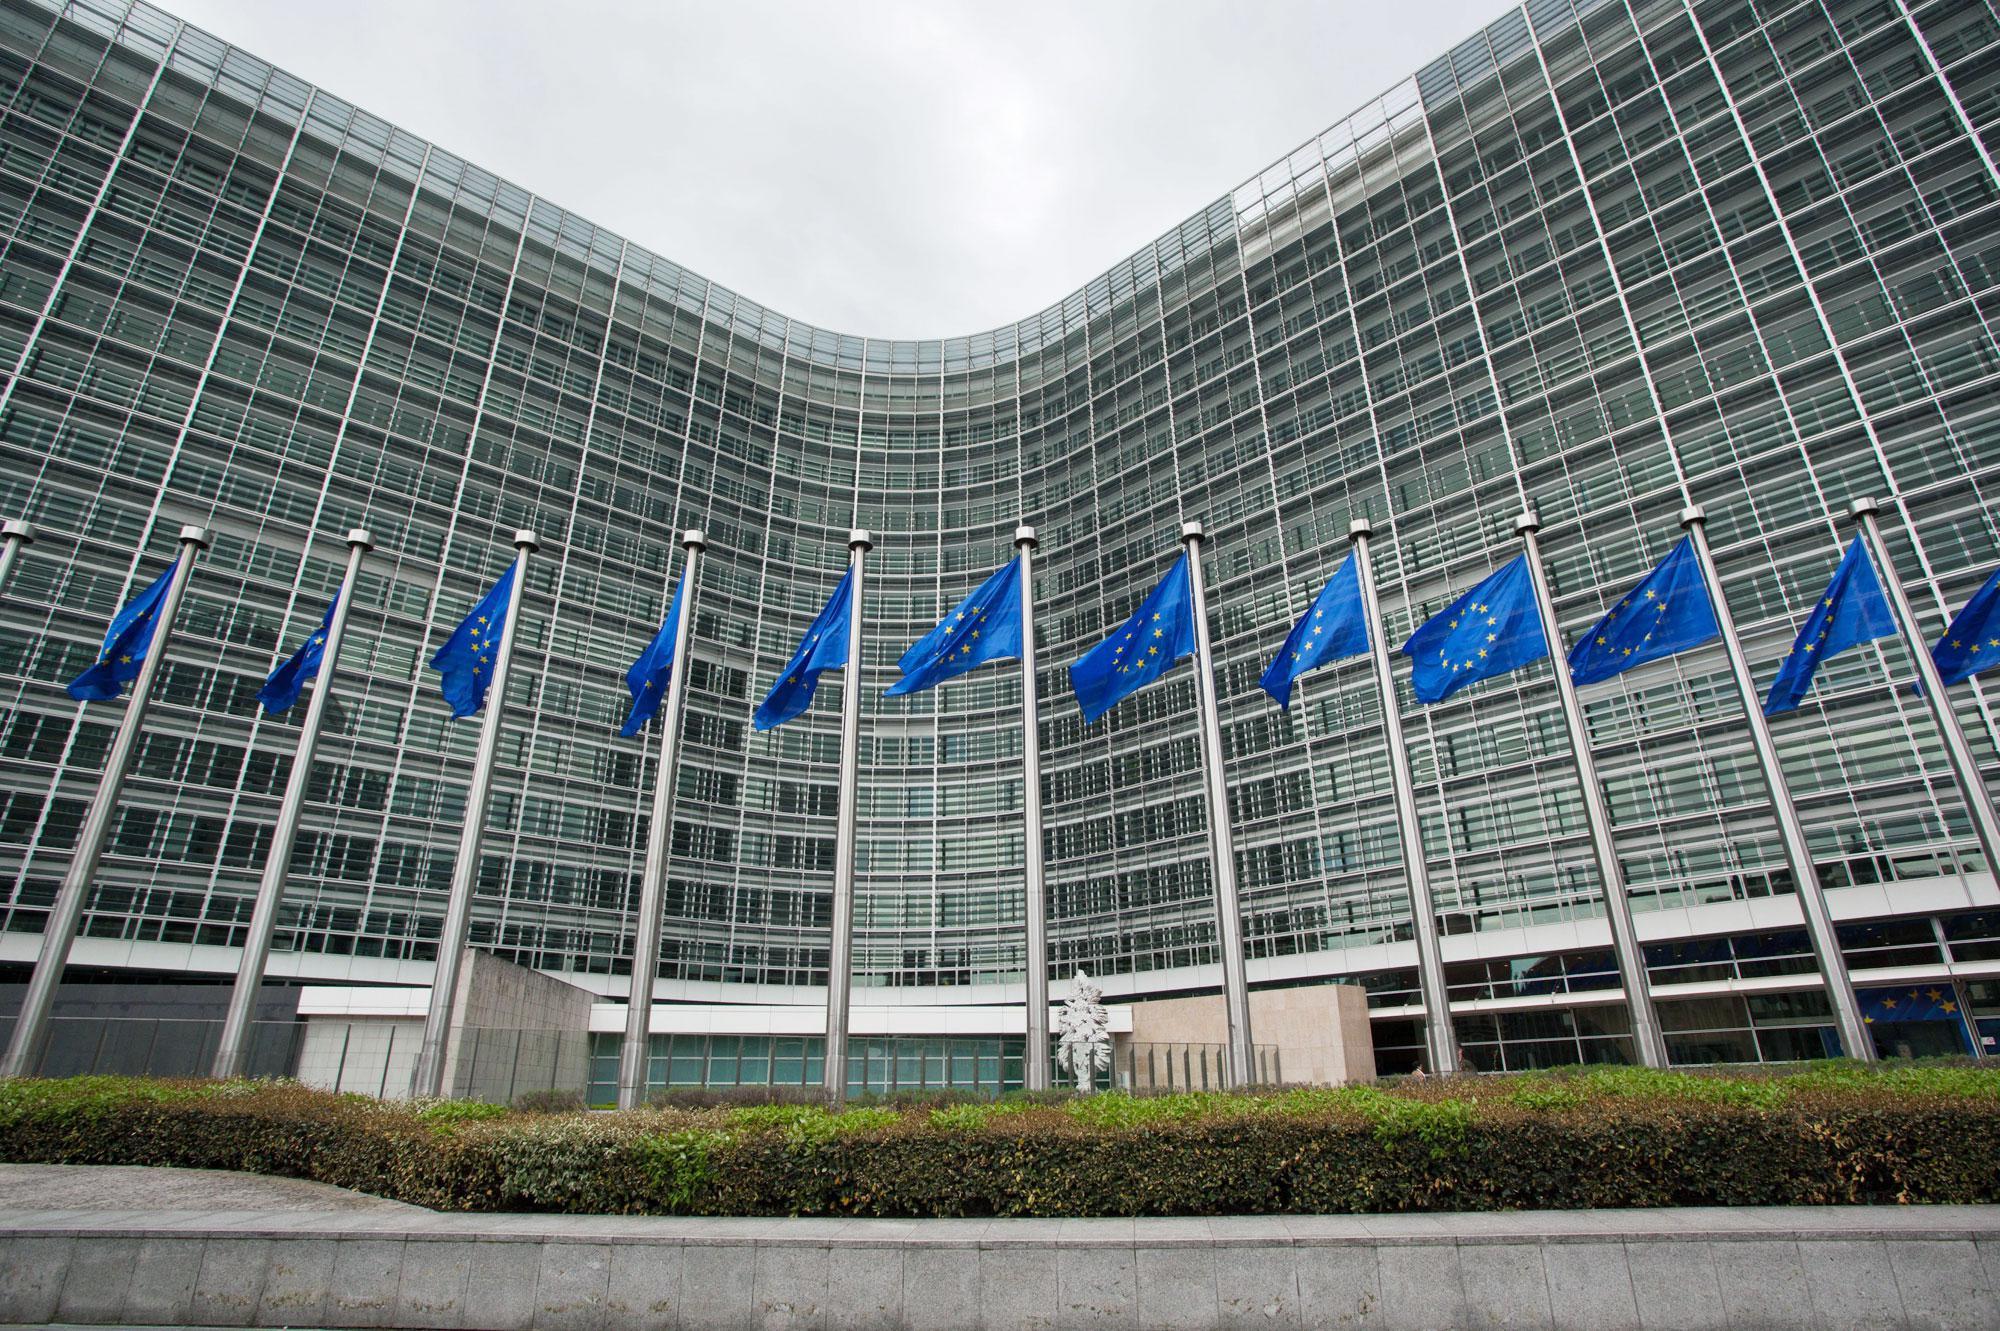 Ευρωπαϊκή Επιτροπή: Τα πλαστικά είδη που ξεχνάμε τον επόμενο μήνα